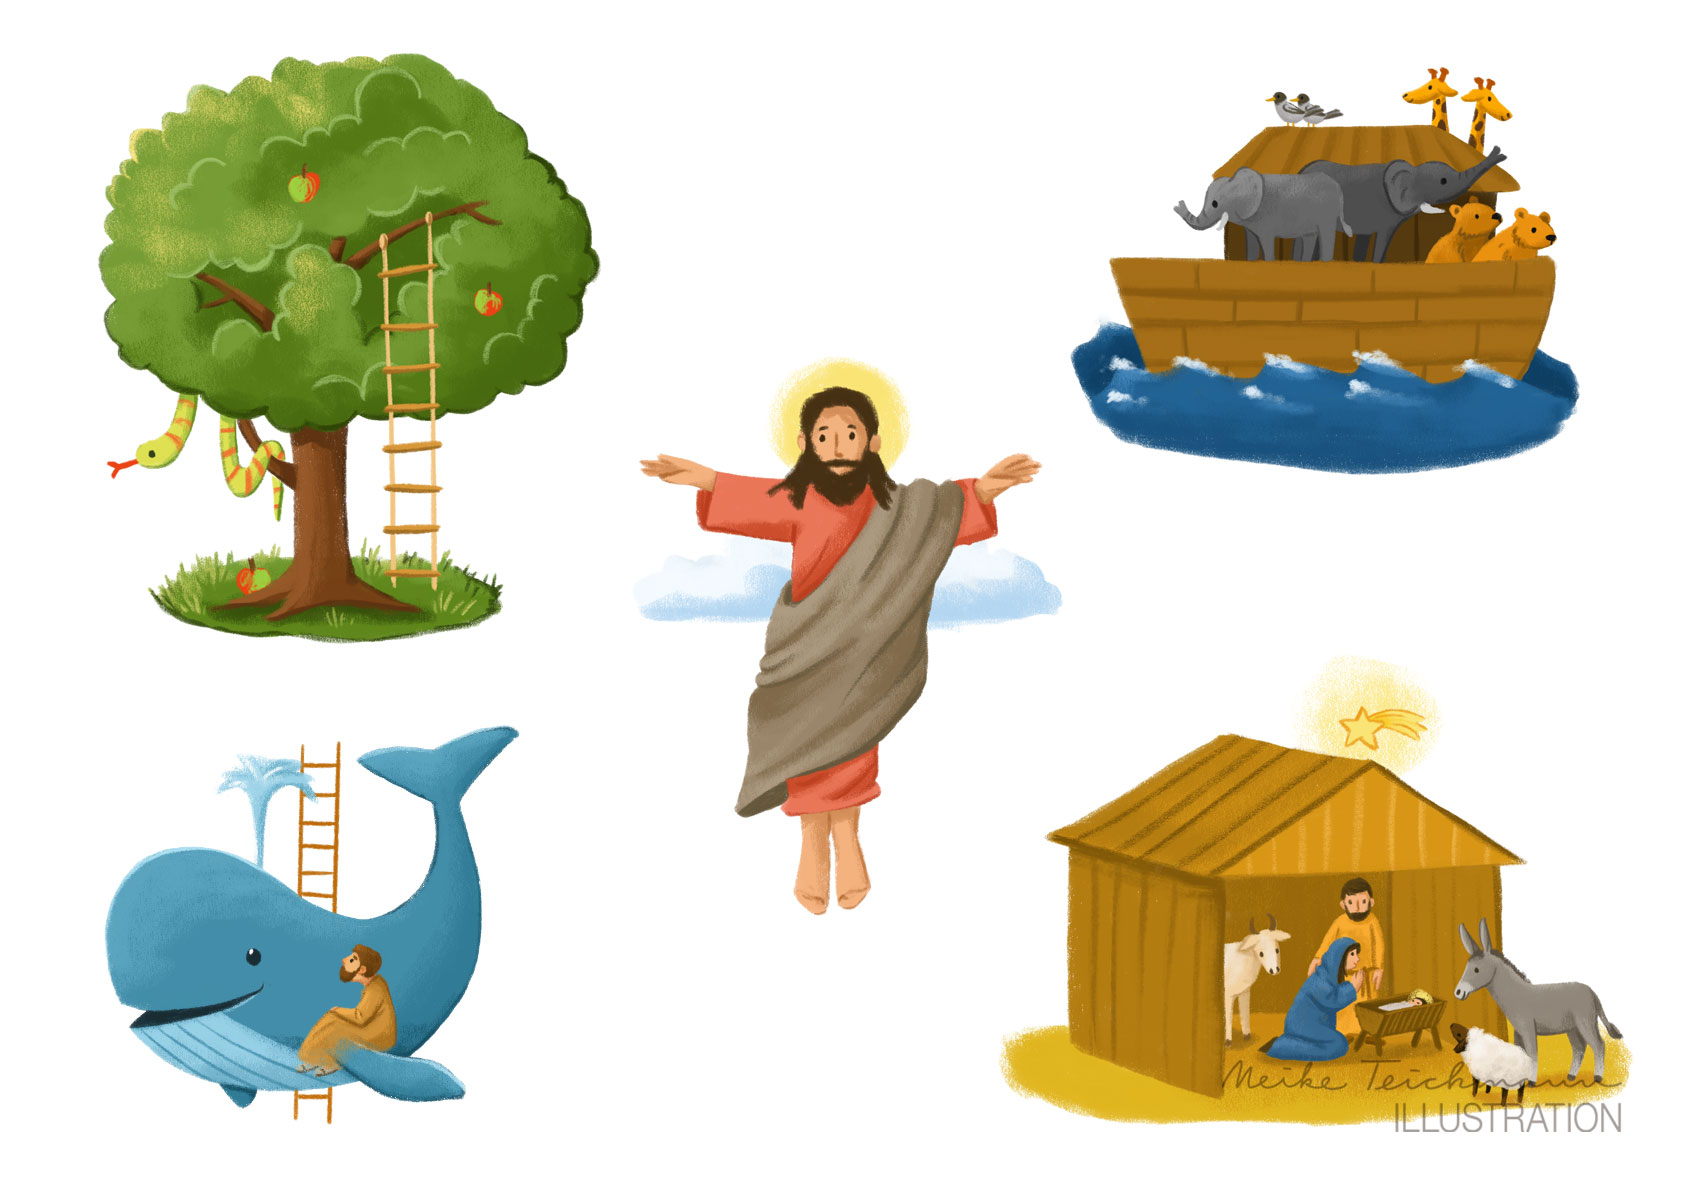 Einzelillustrationen Biblisches Spiel